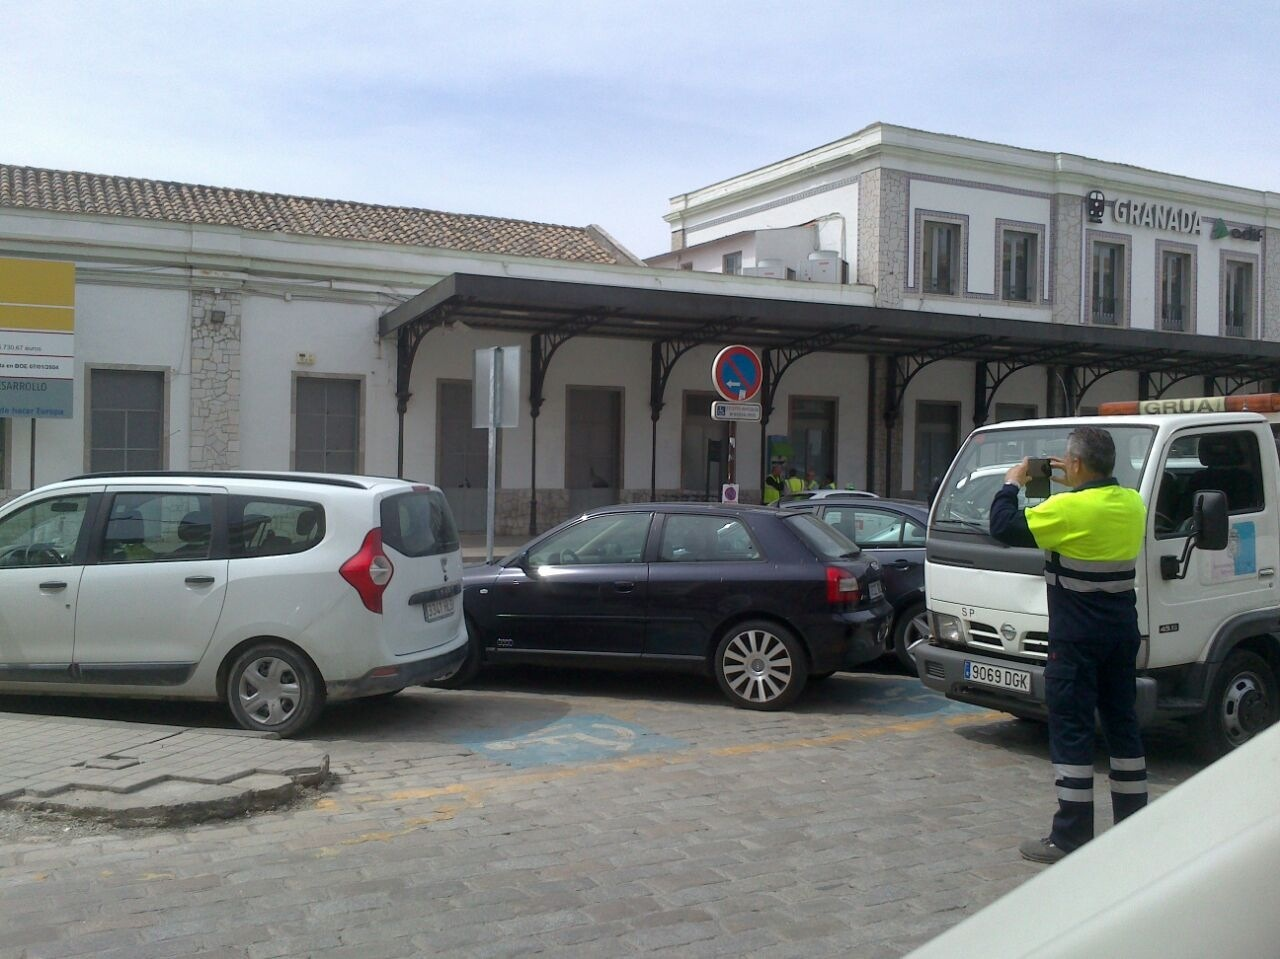 GRUISTAS MULTANDOEL JUEVES A LOS PASAJEROS DE RENFE